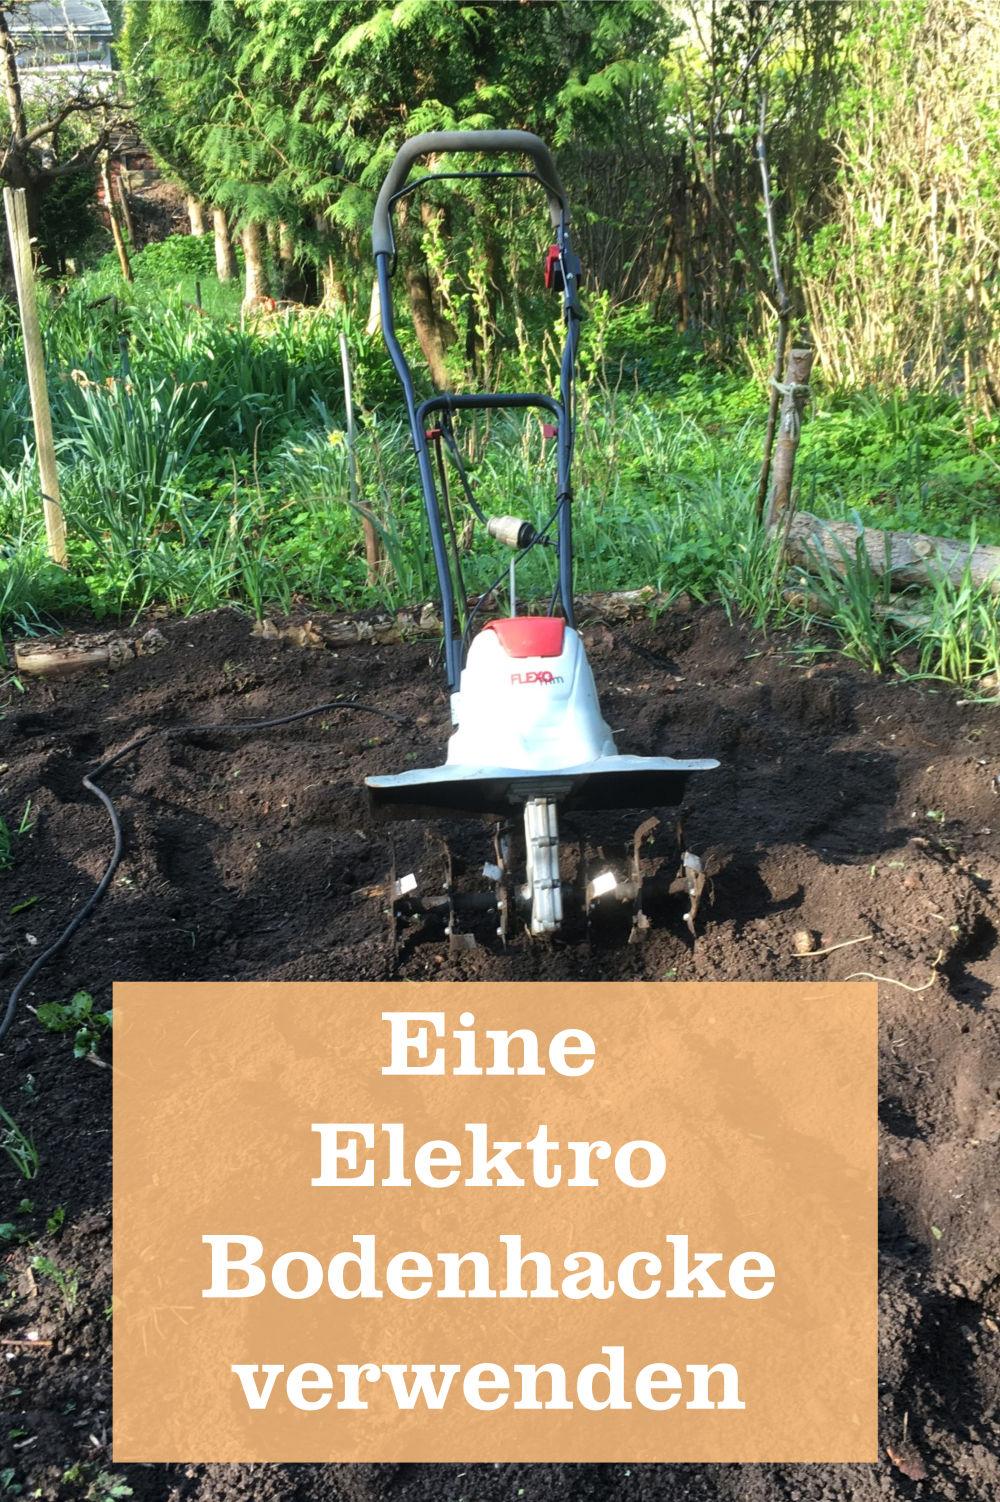 Elektro Bodenhacke verwenden